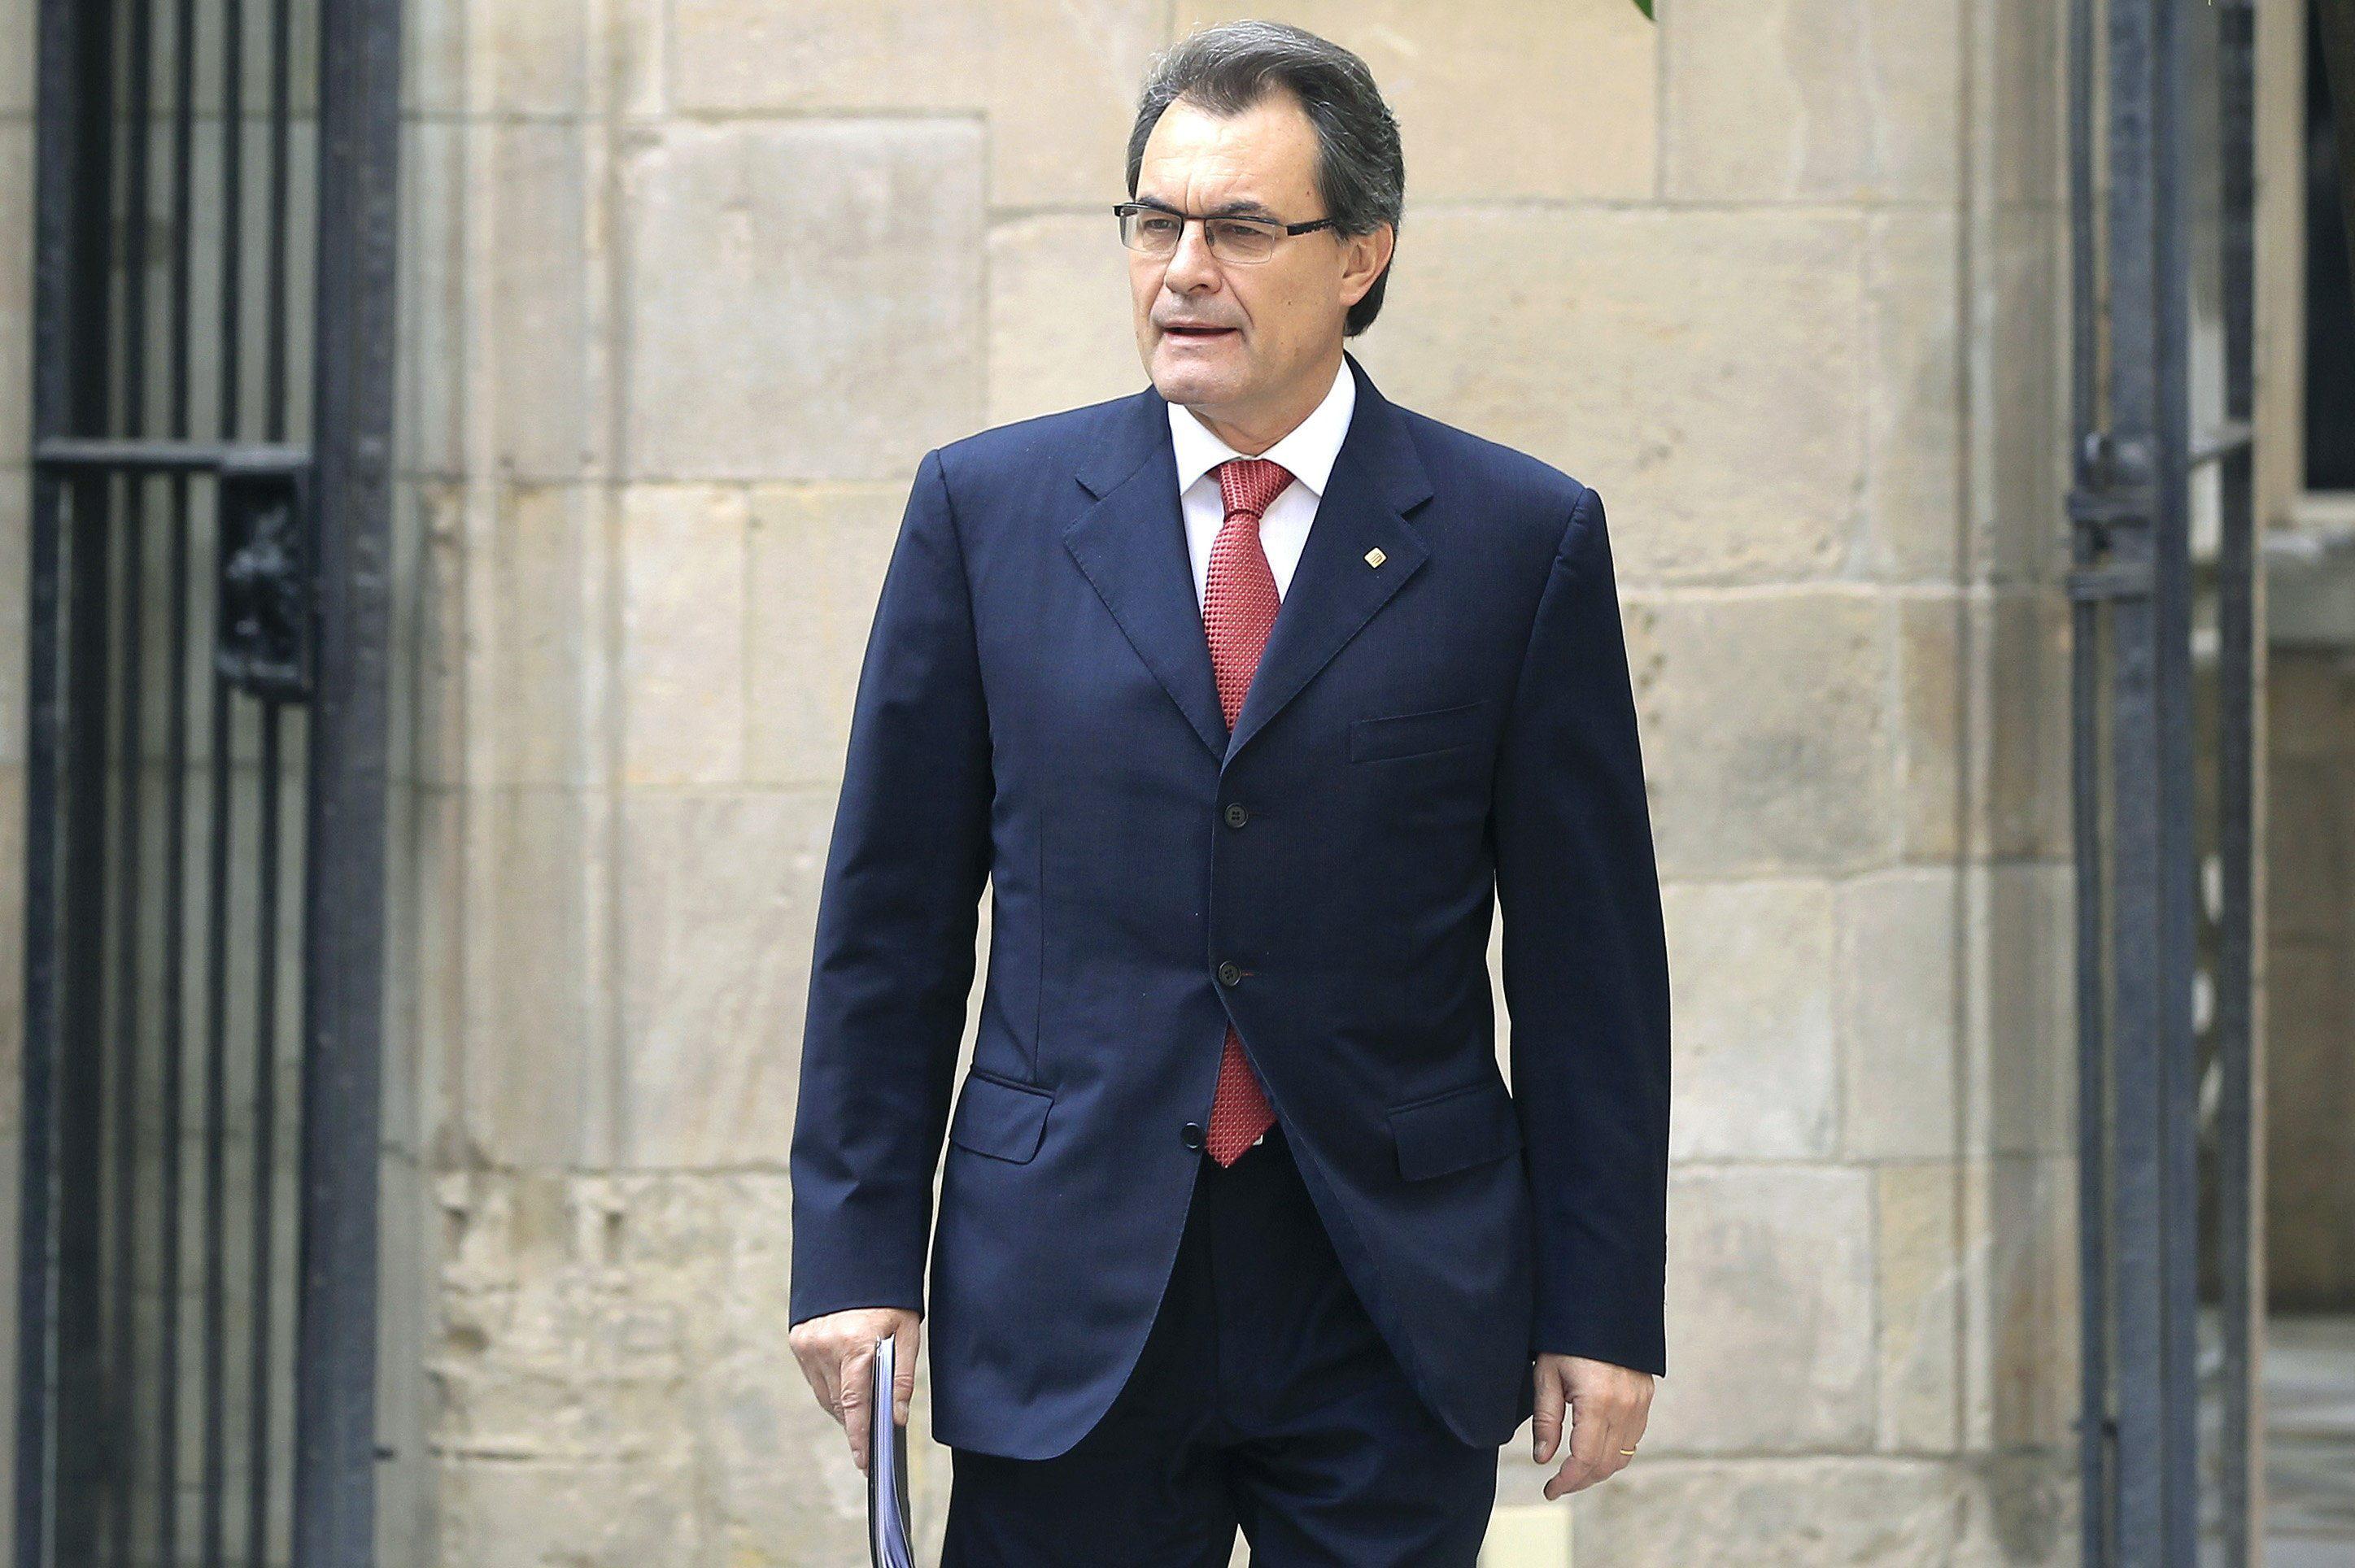 La Razón afirma que Artur Mas paga 1,4 millones en dos años a los organizadores del concierto independentista